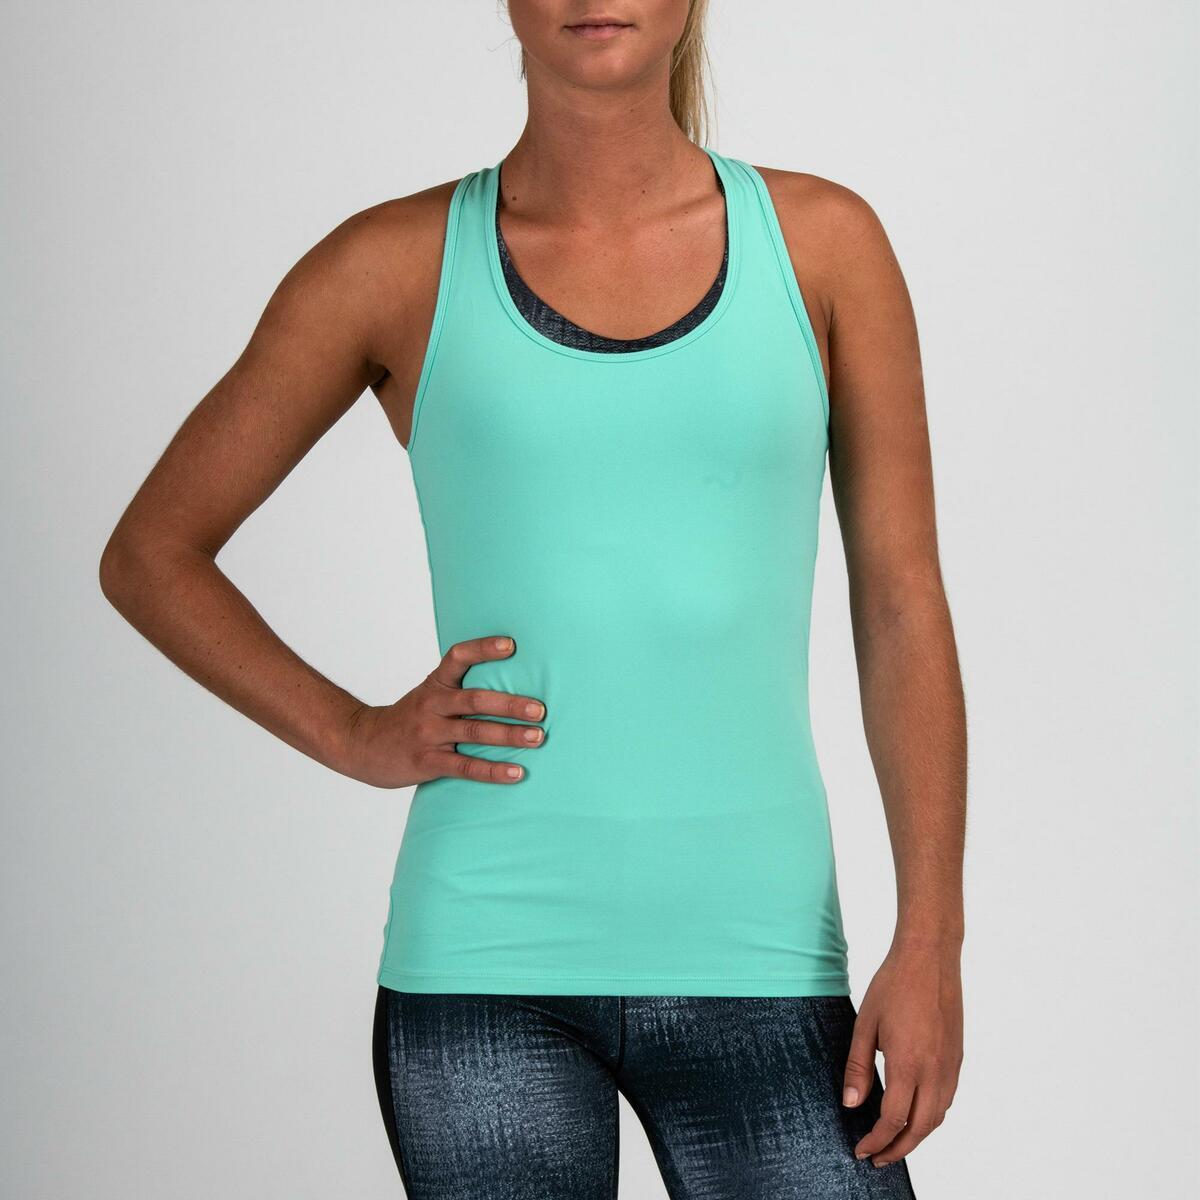 Bild 1 von My Top 100 Fitness Cardio Damen türkis